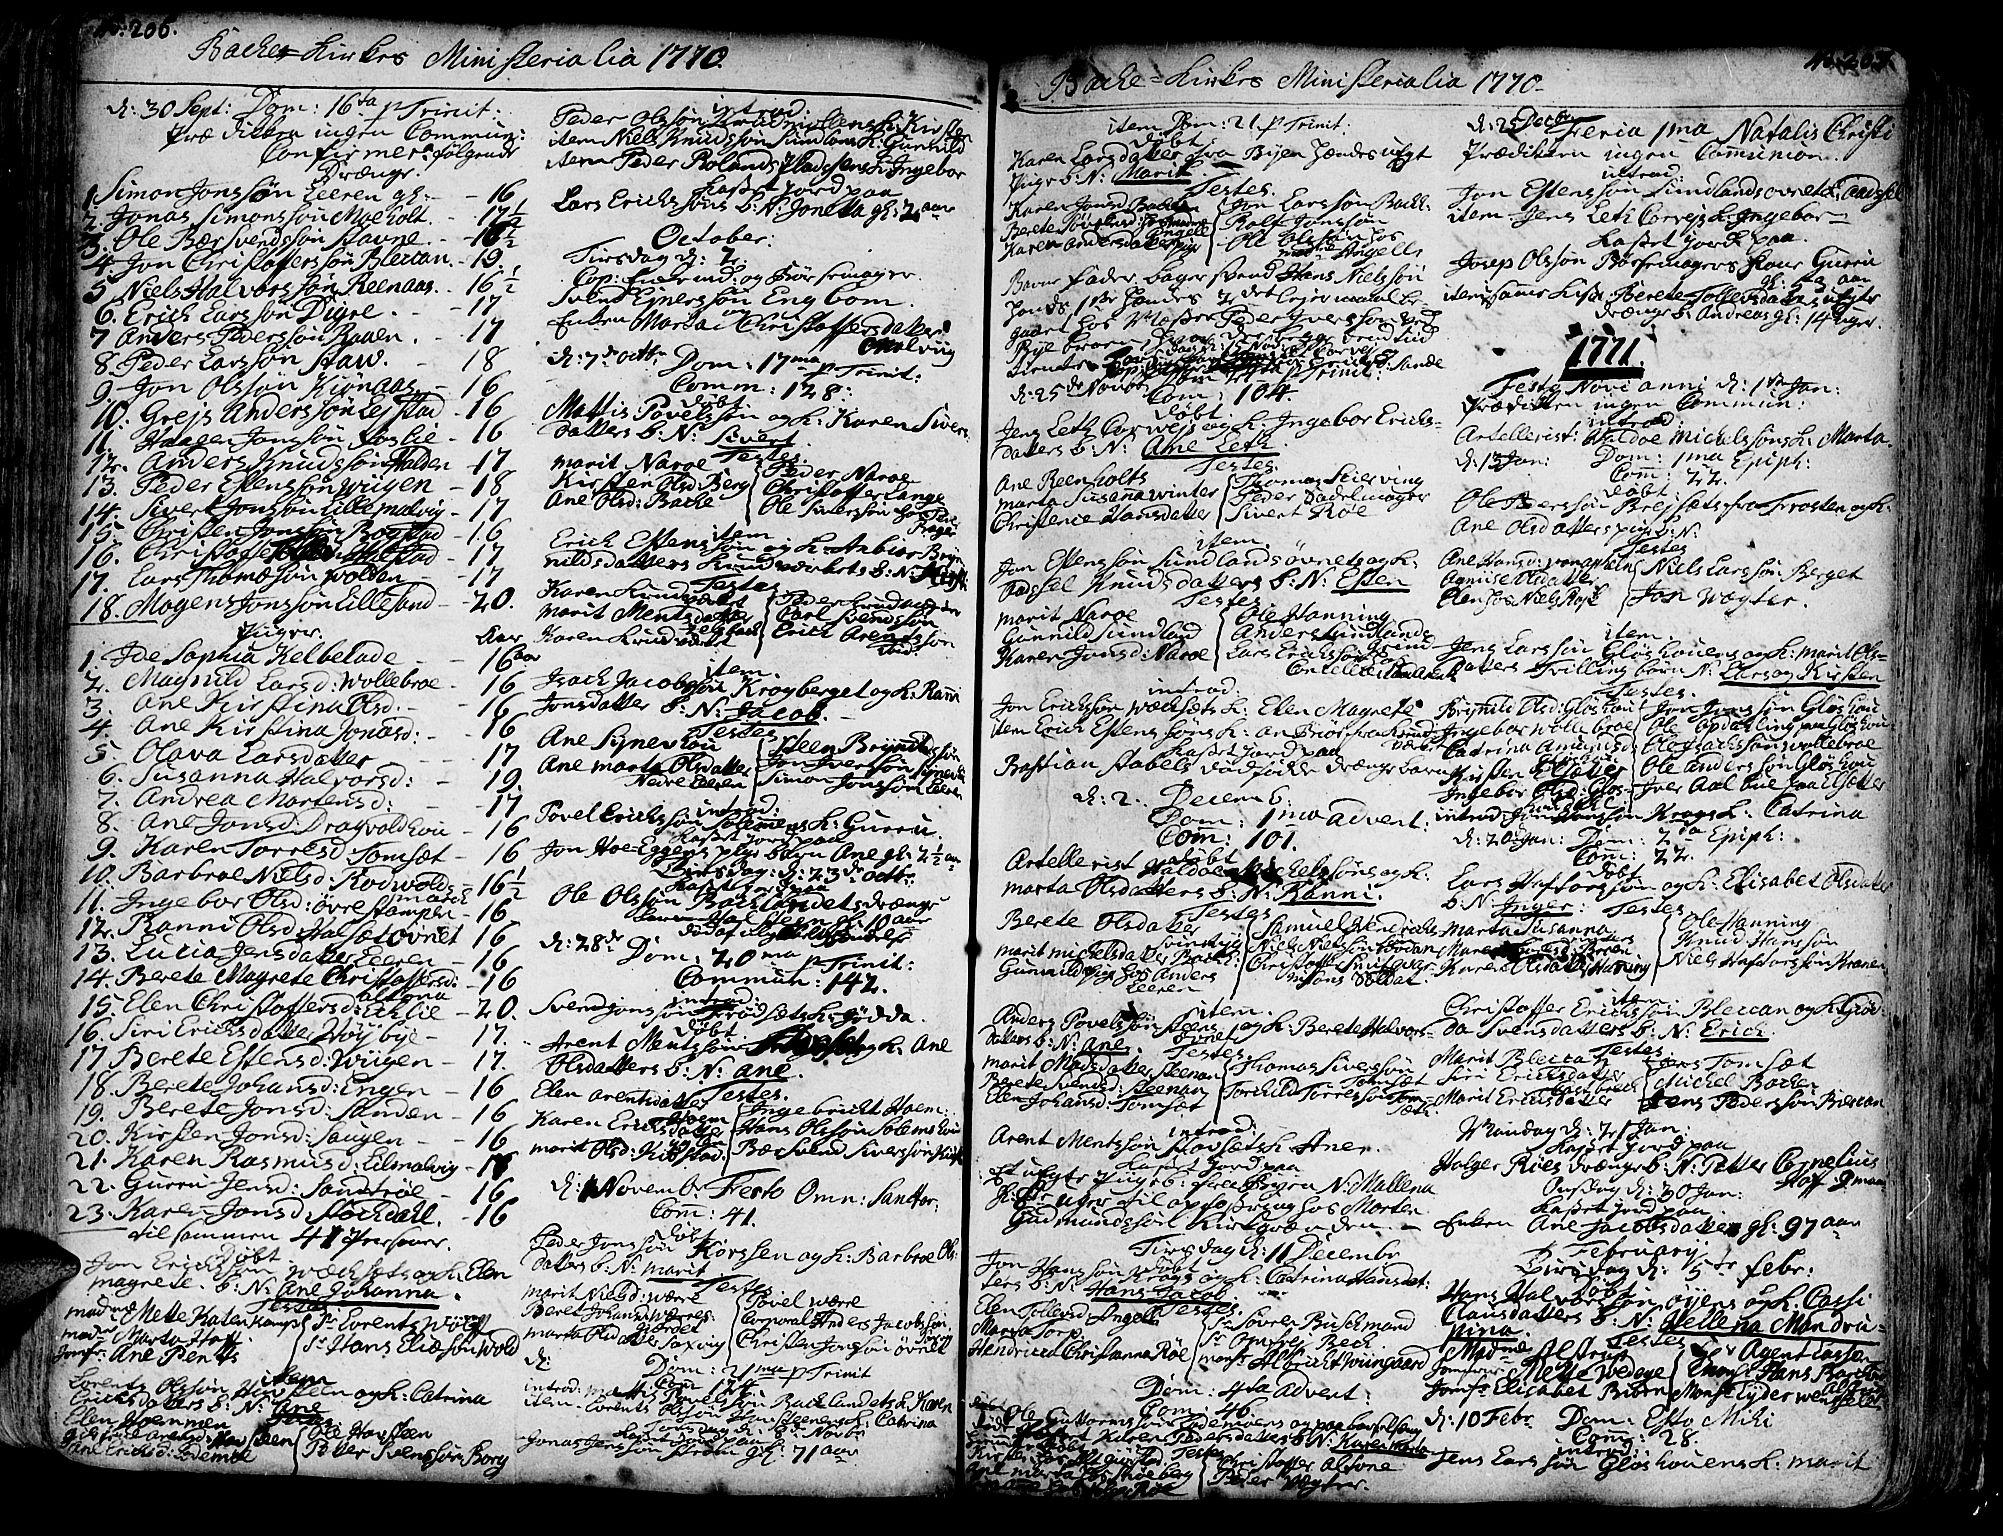 SAT, Ministerialprotokoller, klokkerbøker og fødselsregistre - Sør-Trøndelag, 606/L0276: Ministerialbok nr. 606A01 /2, 1727-1779, s. 206-207